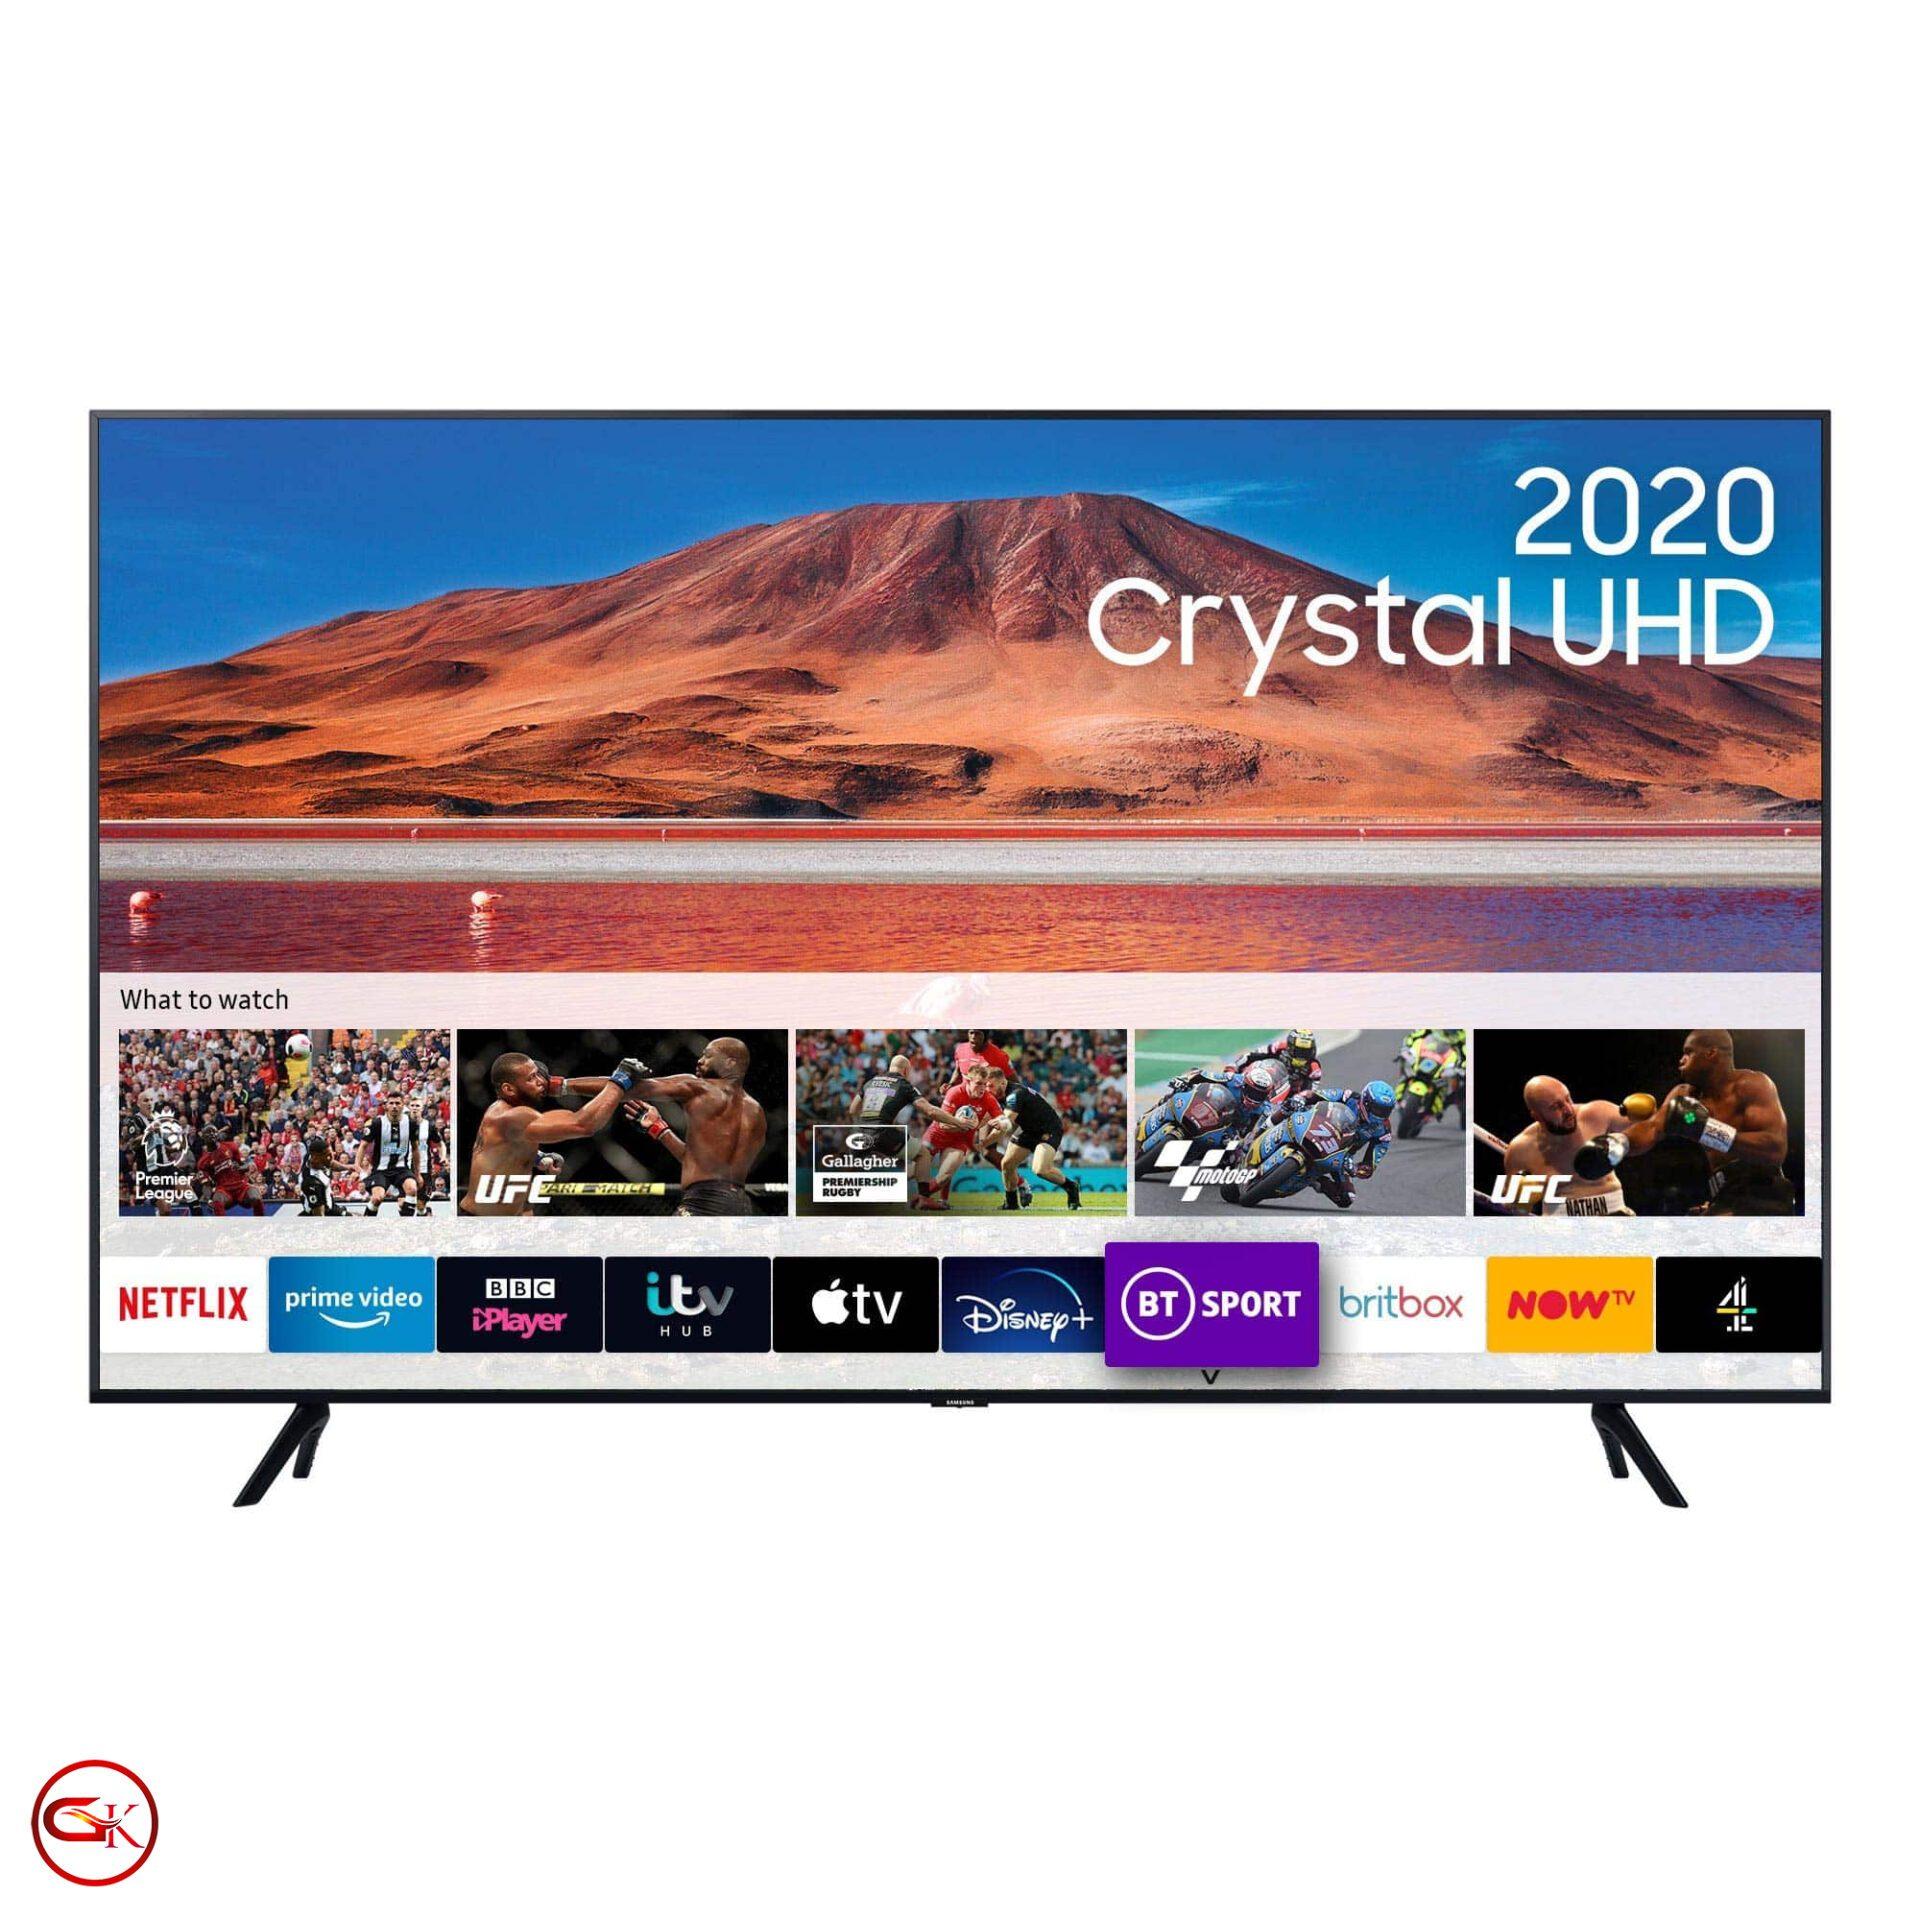 تلویزیون 43 اینچ سامسونگ Samsung TU7000 با کیفیت تصویر 4K